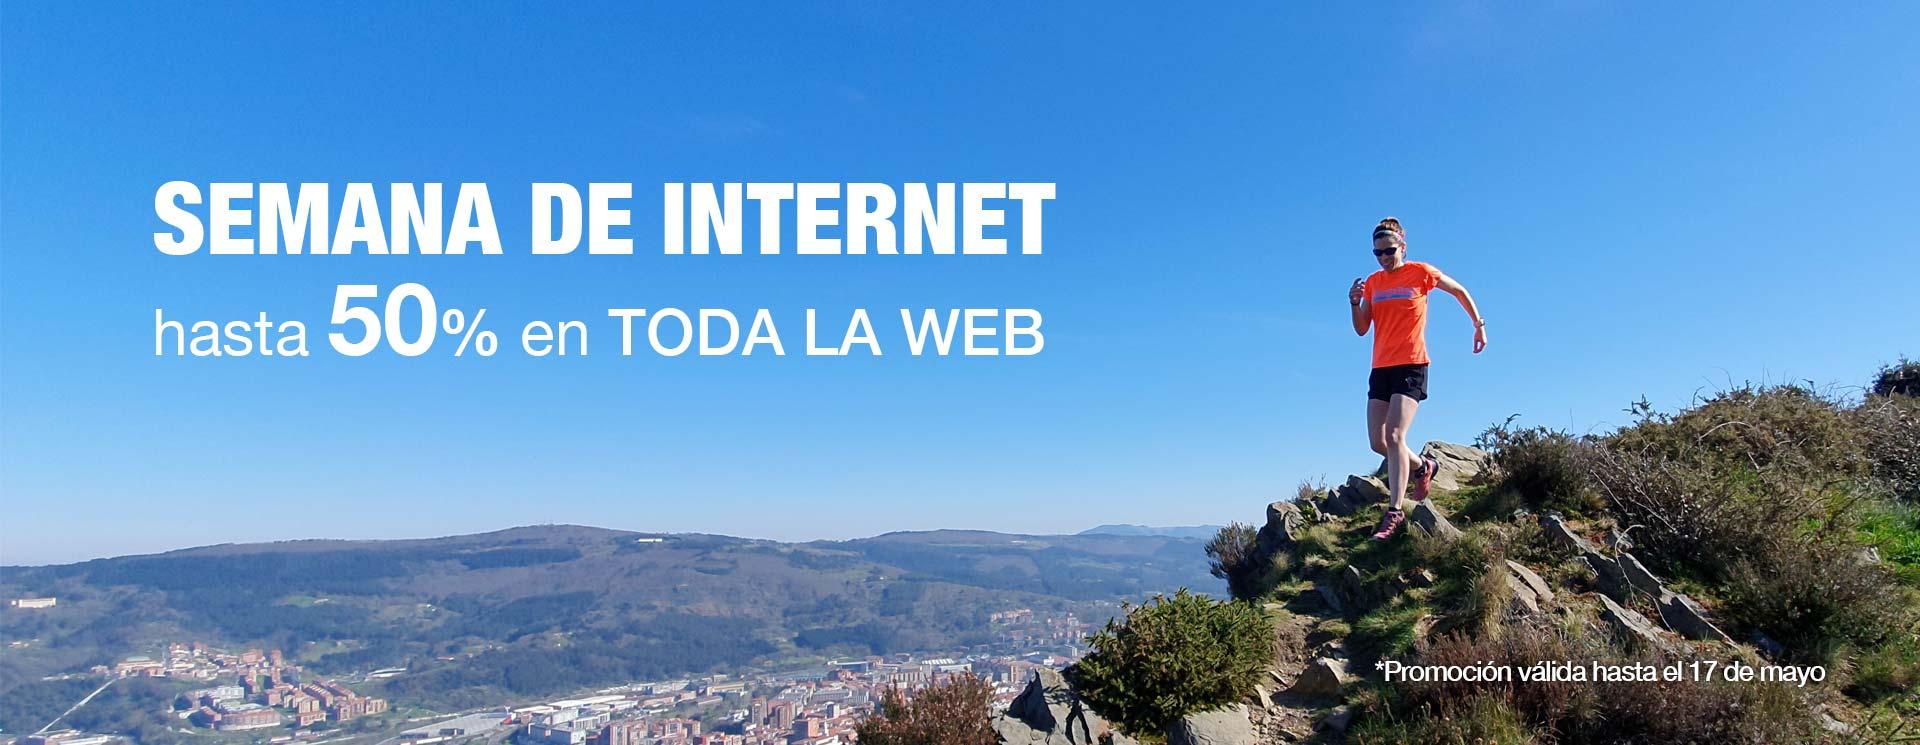 Semana de internet con -50%